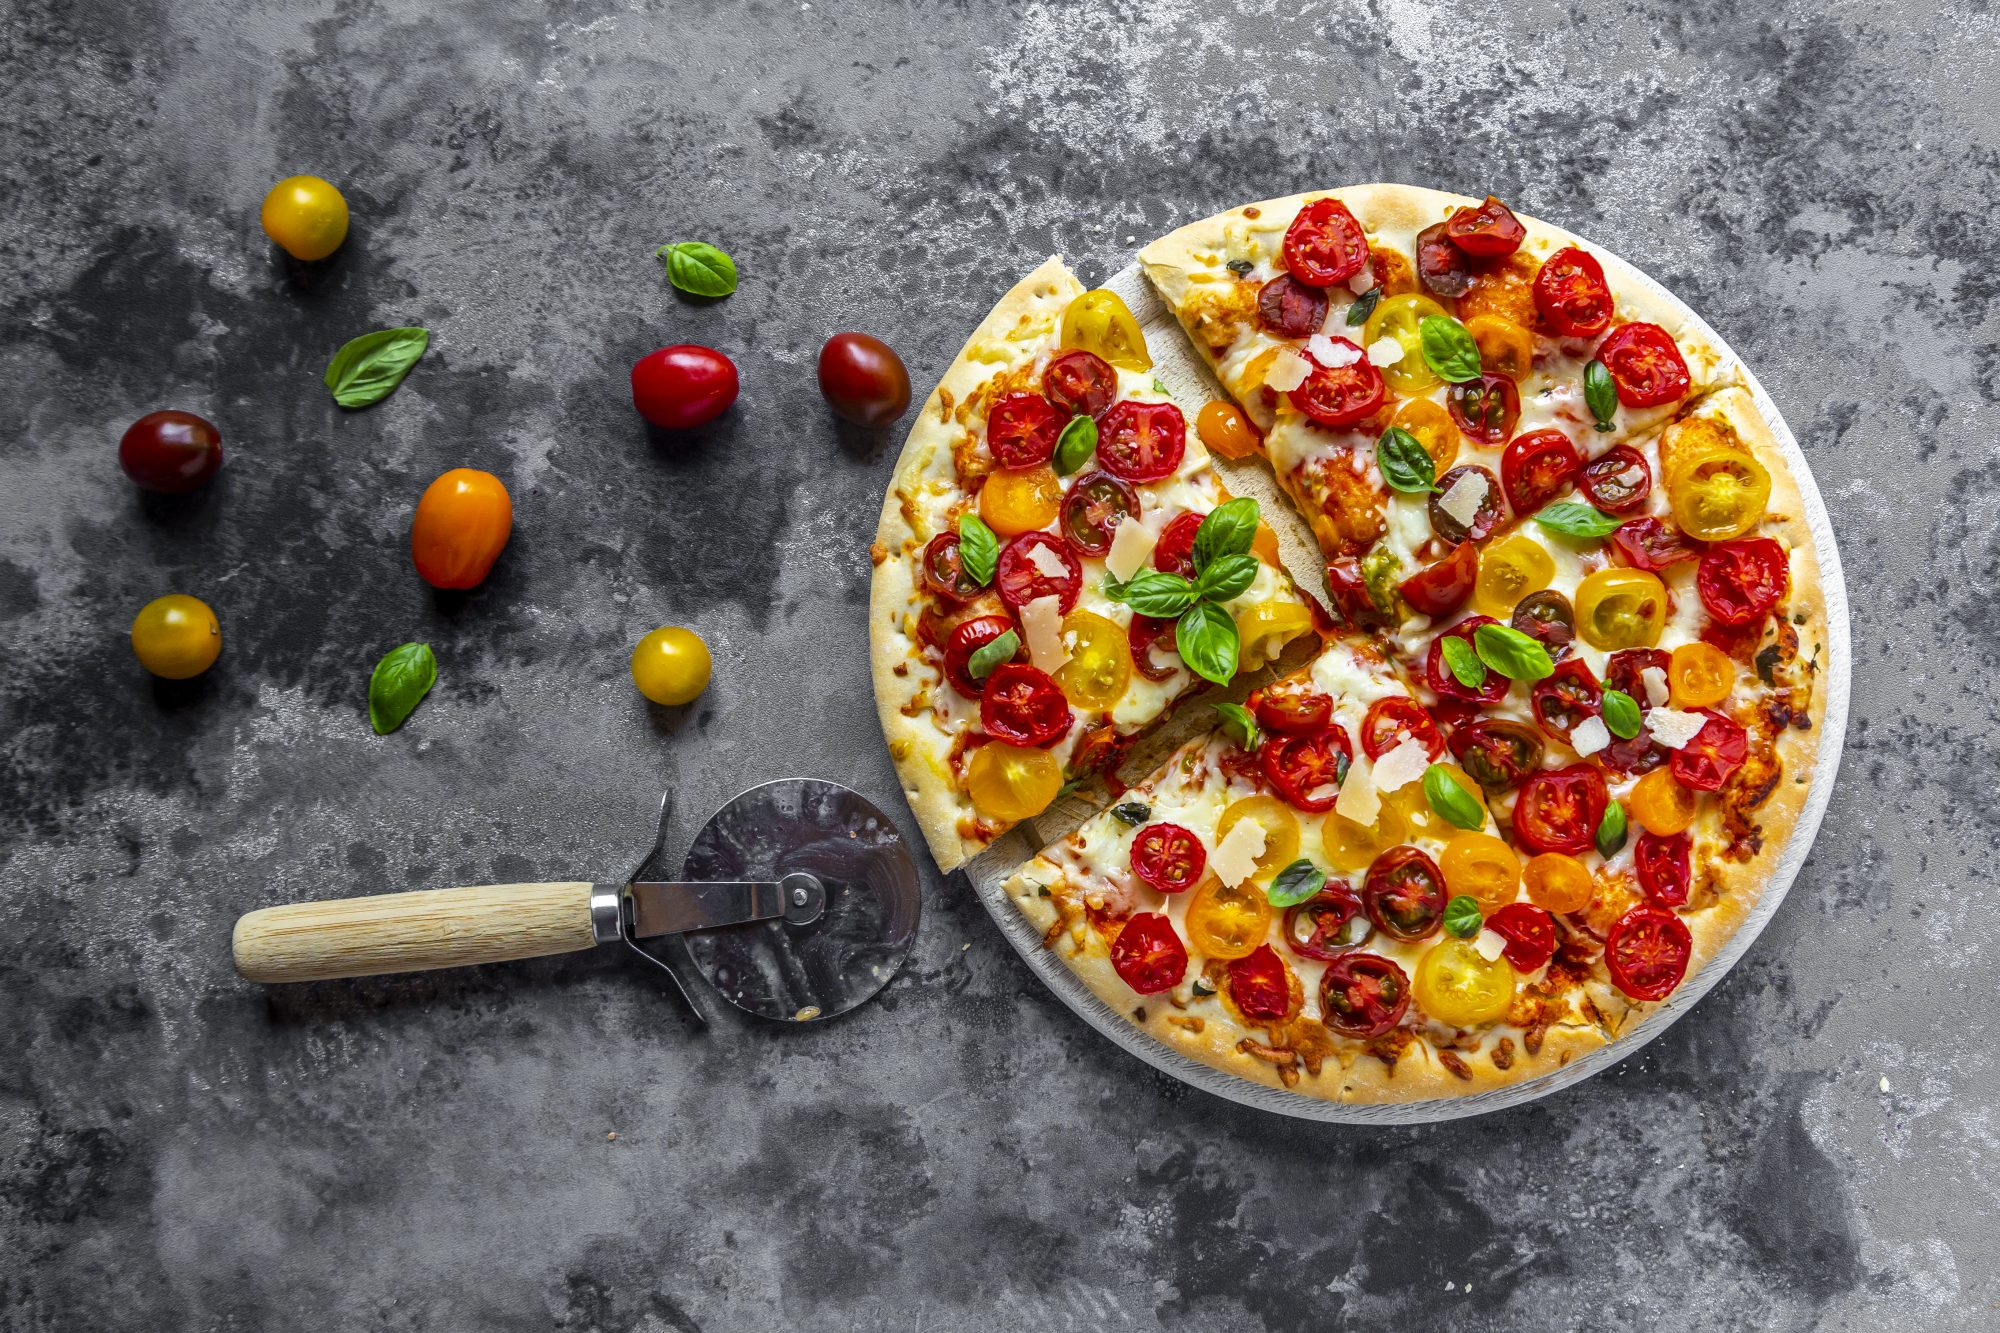 Getty 2/6/20 Pizza